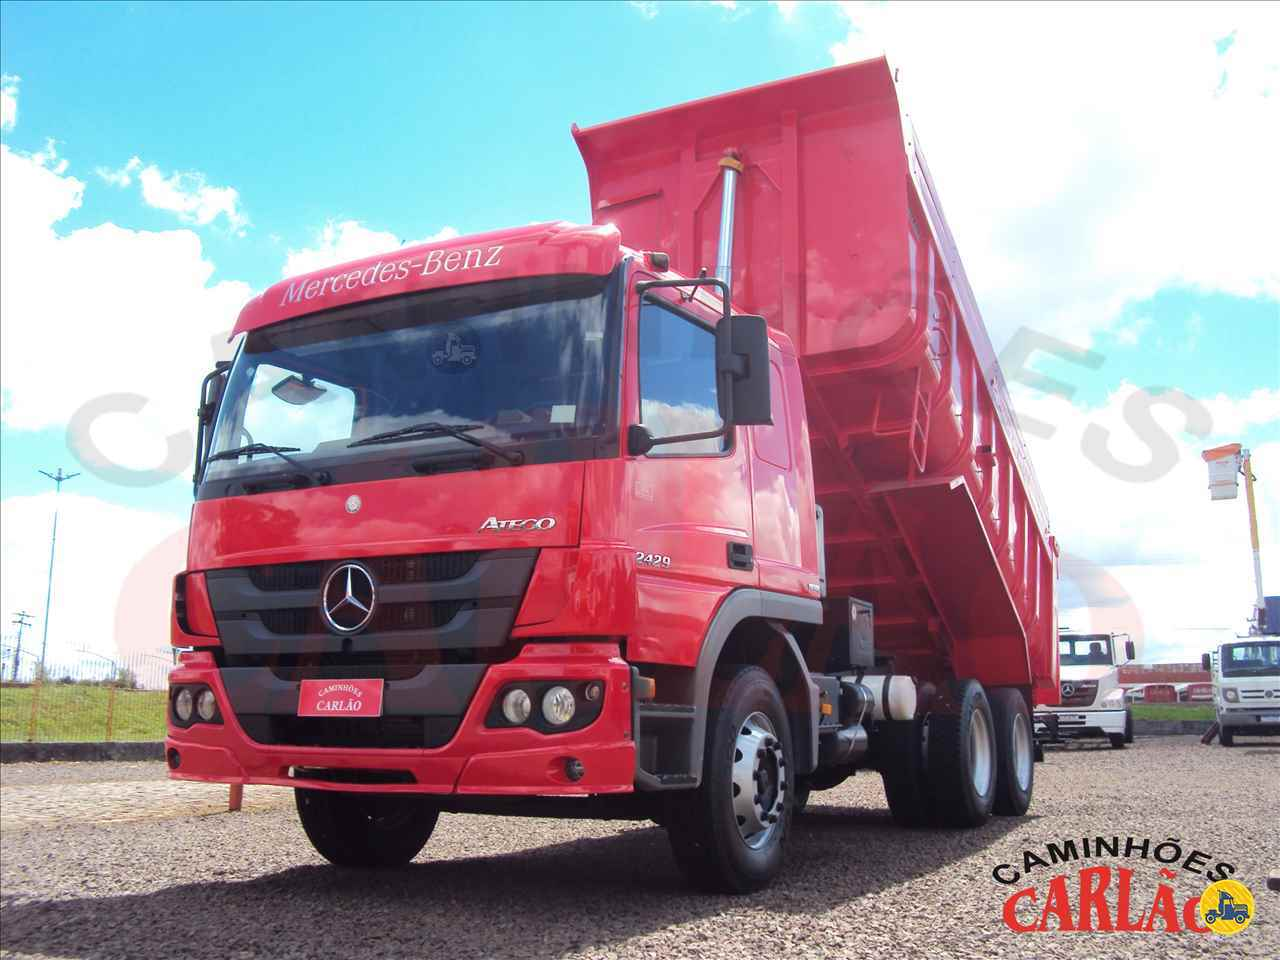 CAMINHAO MERCEDES-BENZ MB 2429 Caçamba Basculante Truck 6x2 Carlão Caminhões CARAZINHO RIO GRANDE DO SUL RS